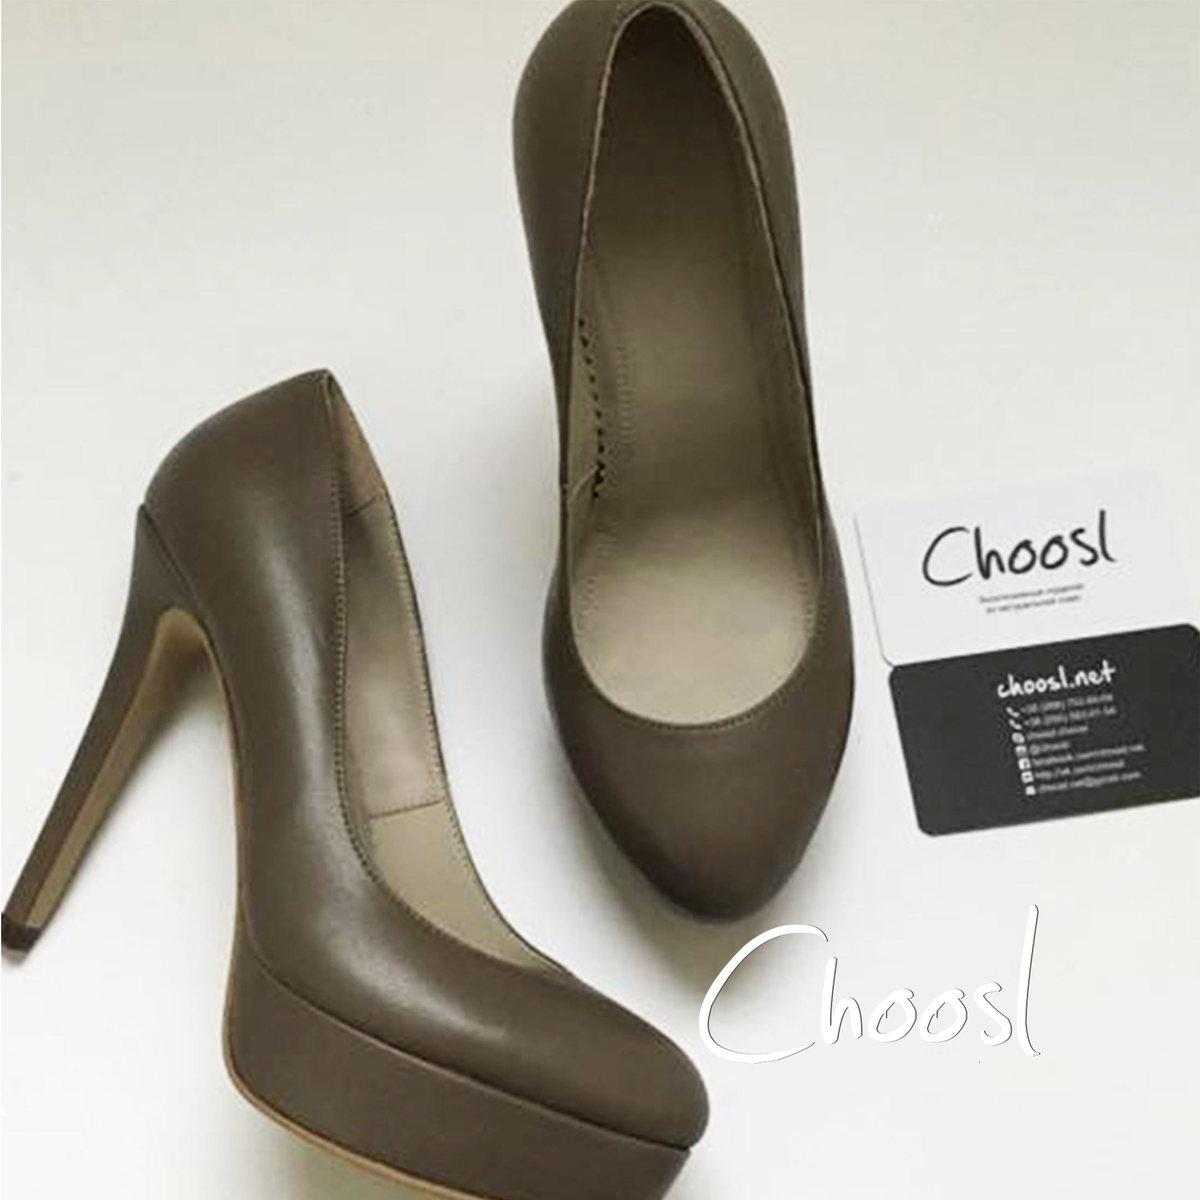 Бренд Choosl створює взуття в першу чергу для комфорту та впевненості в  кожному вашому кроці. Також вони пропонують приємні бонуси. c77e35b3c1c2a